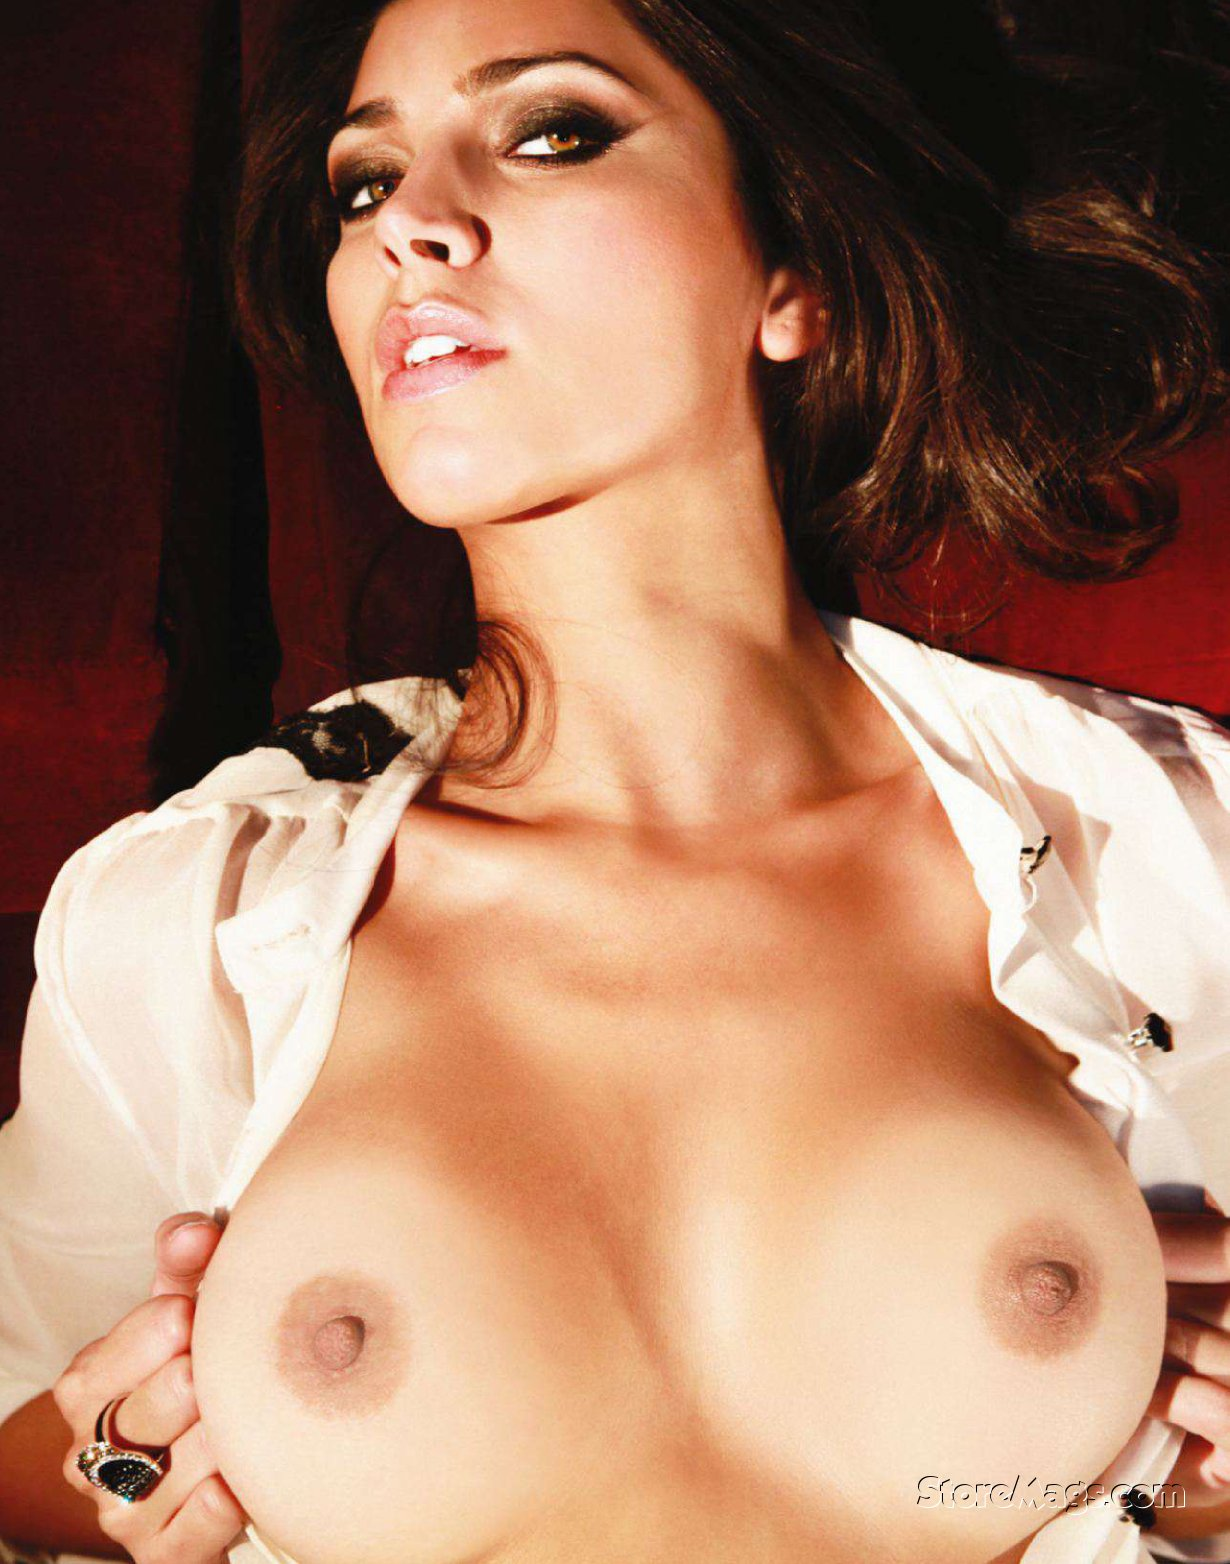 Aimee Teegarden Nude Pics